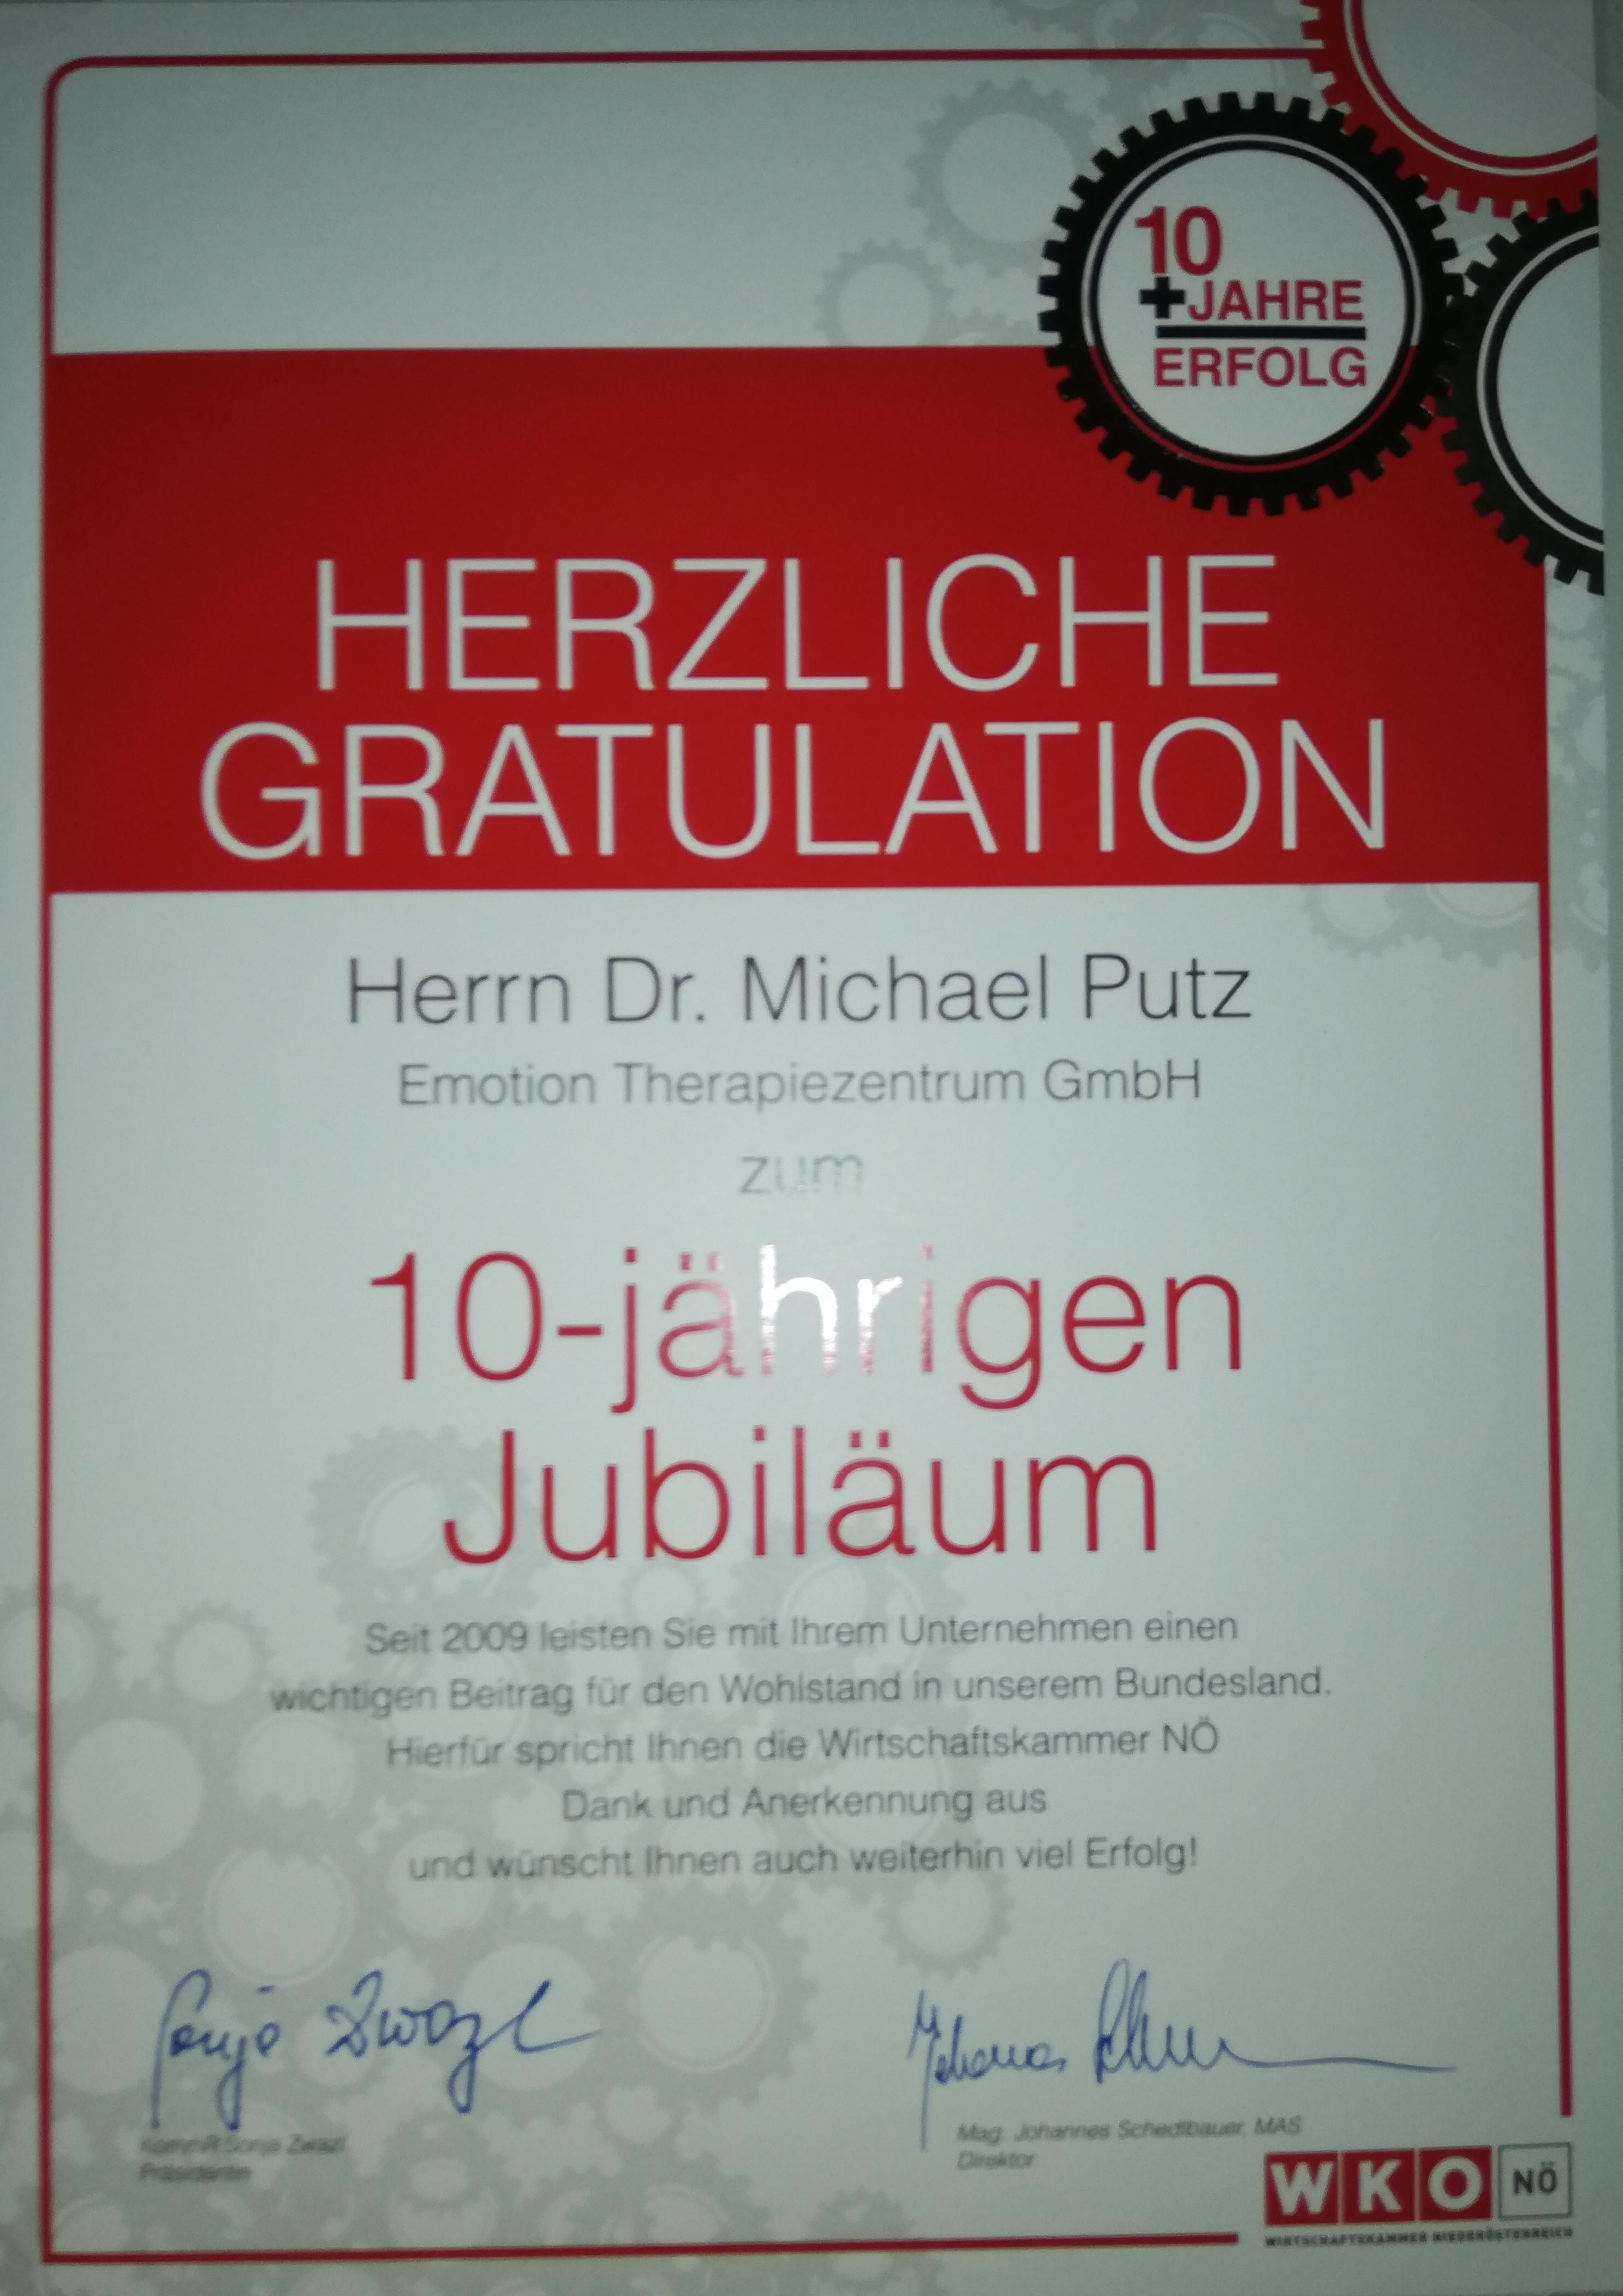 WKO_Auszeichnung_10-jährigen_Jubiläum